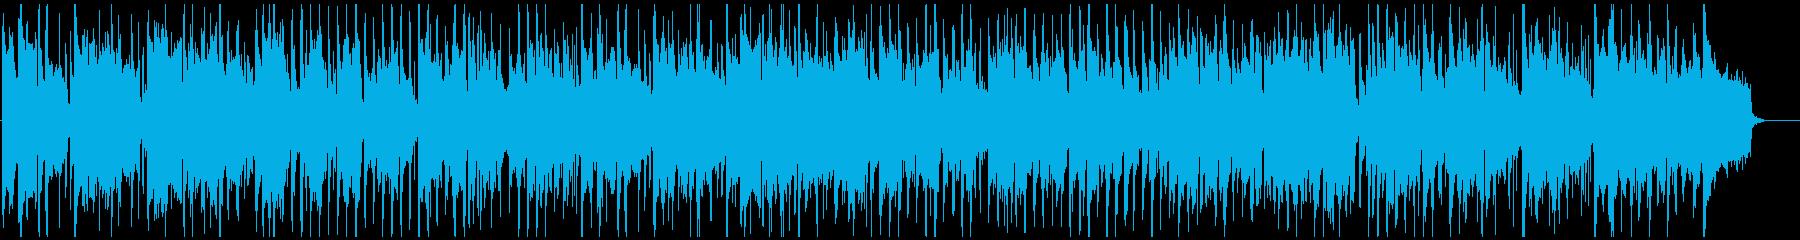 クラブジャズ、かっこいいサックス生演奏の再生済みの波形